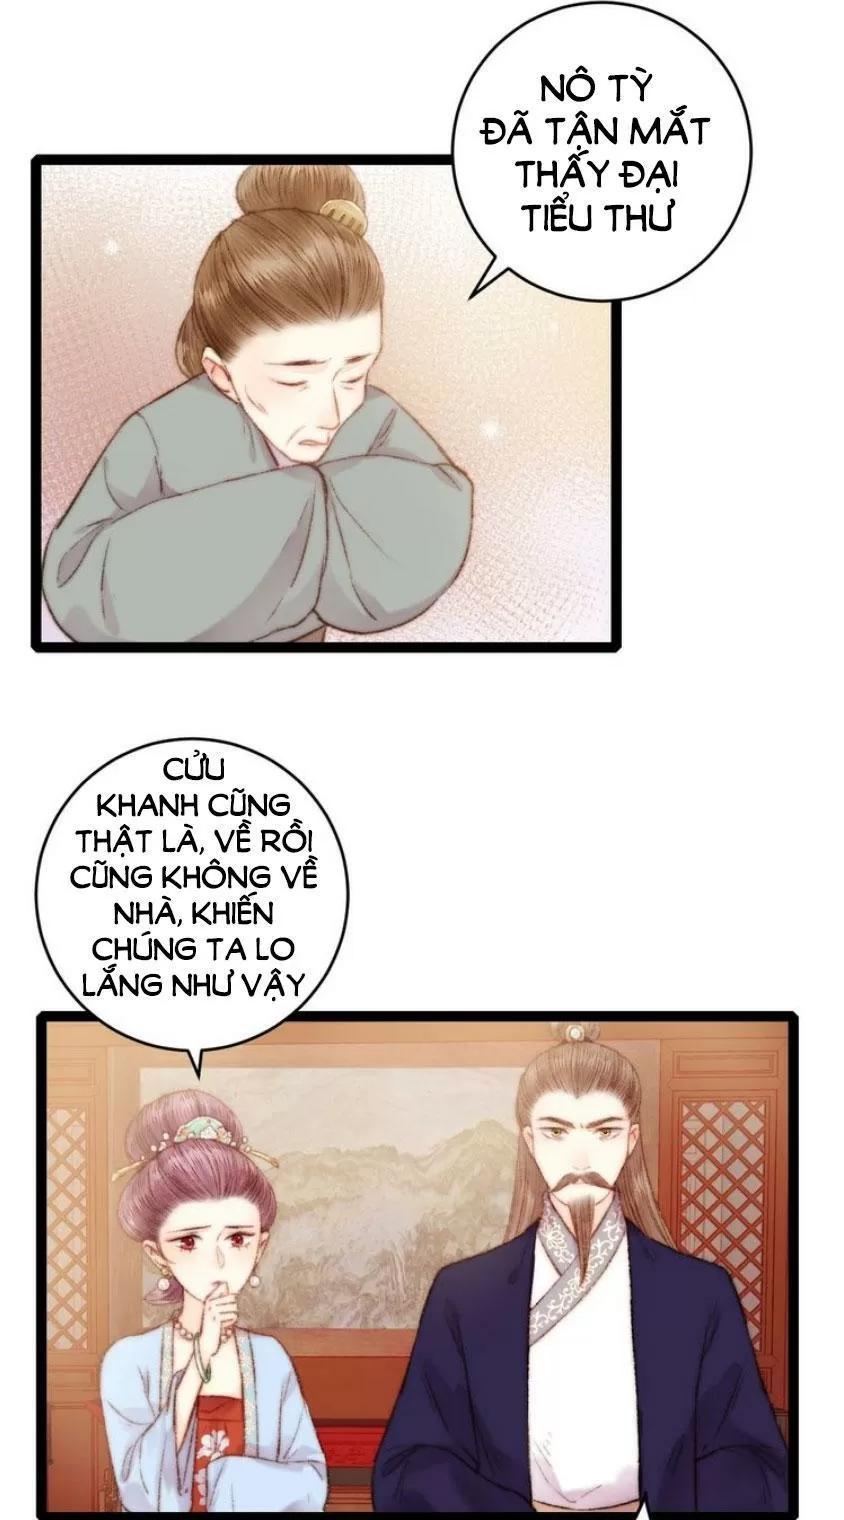 Nàng Phi Cửu Khanh - Thần Y Kiều Nữ chap 57 - Trang 10